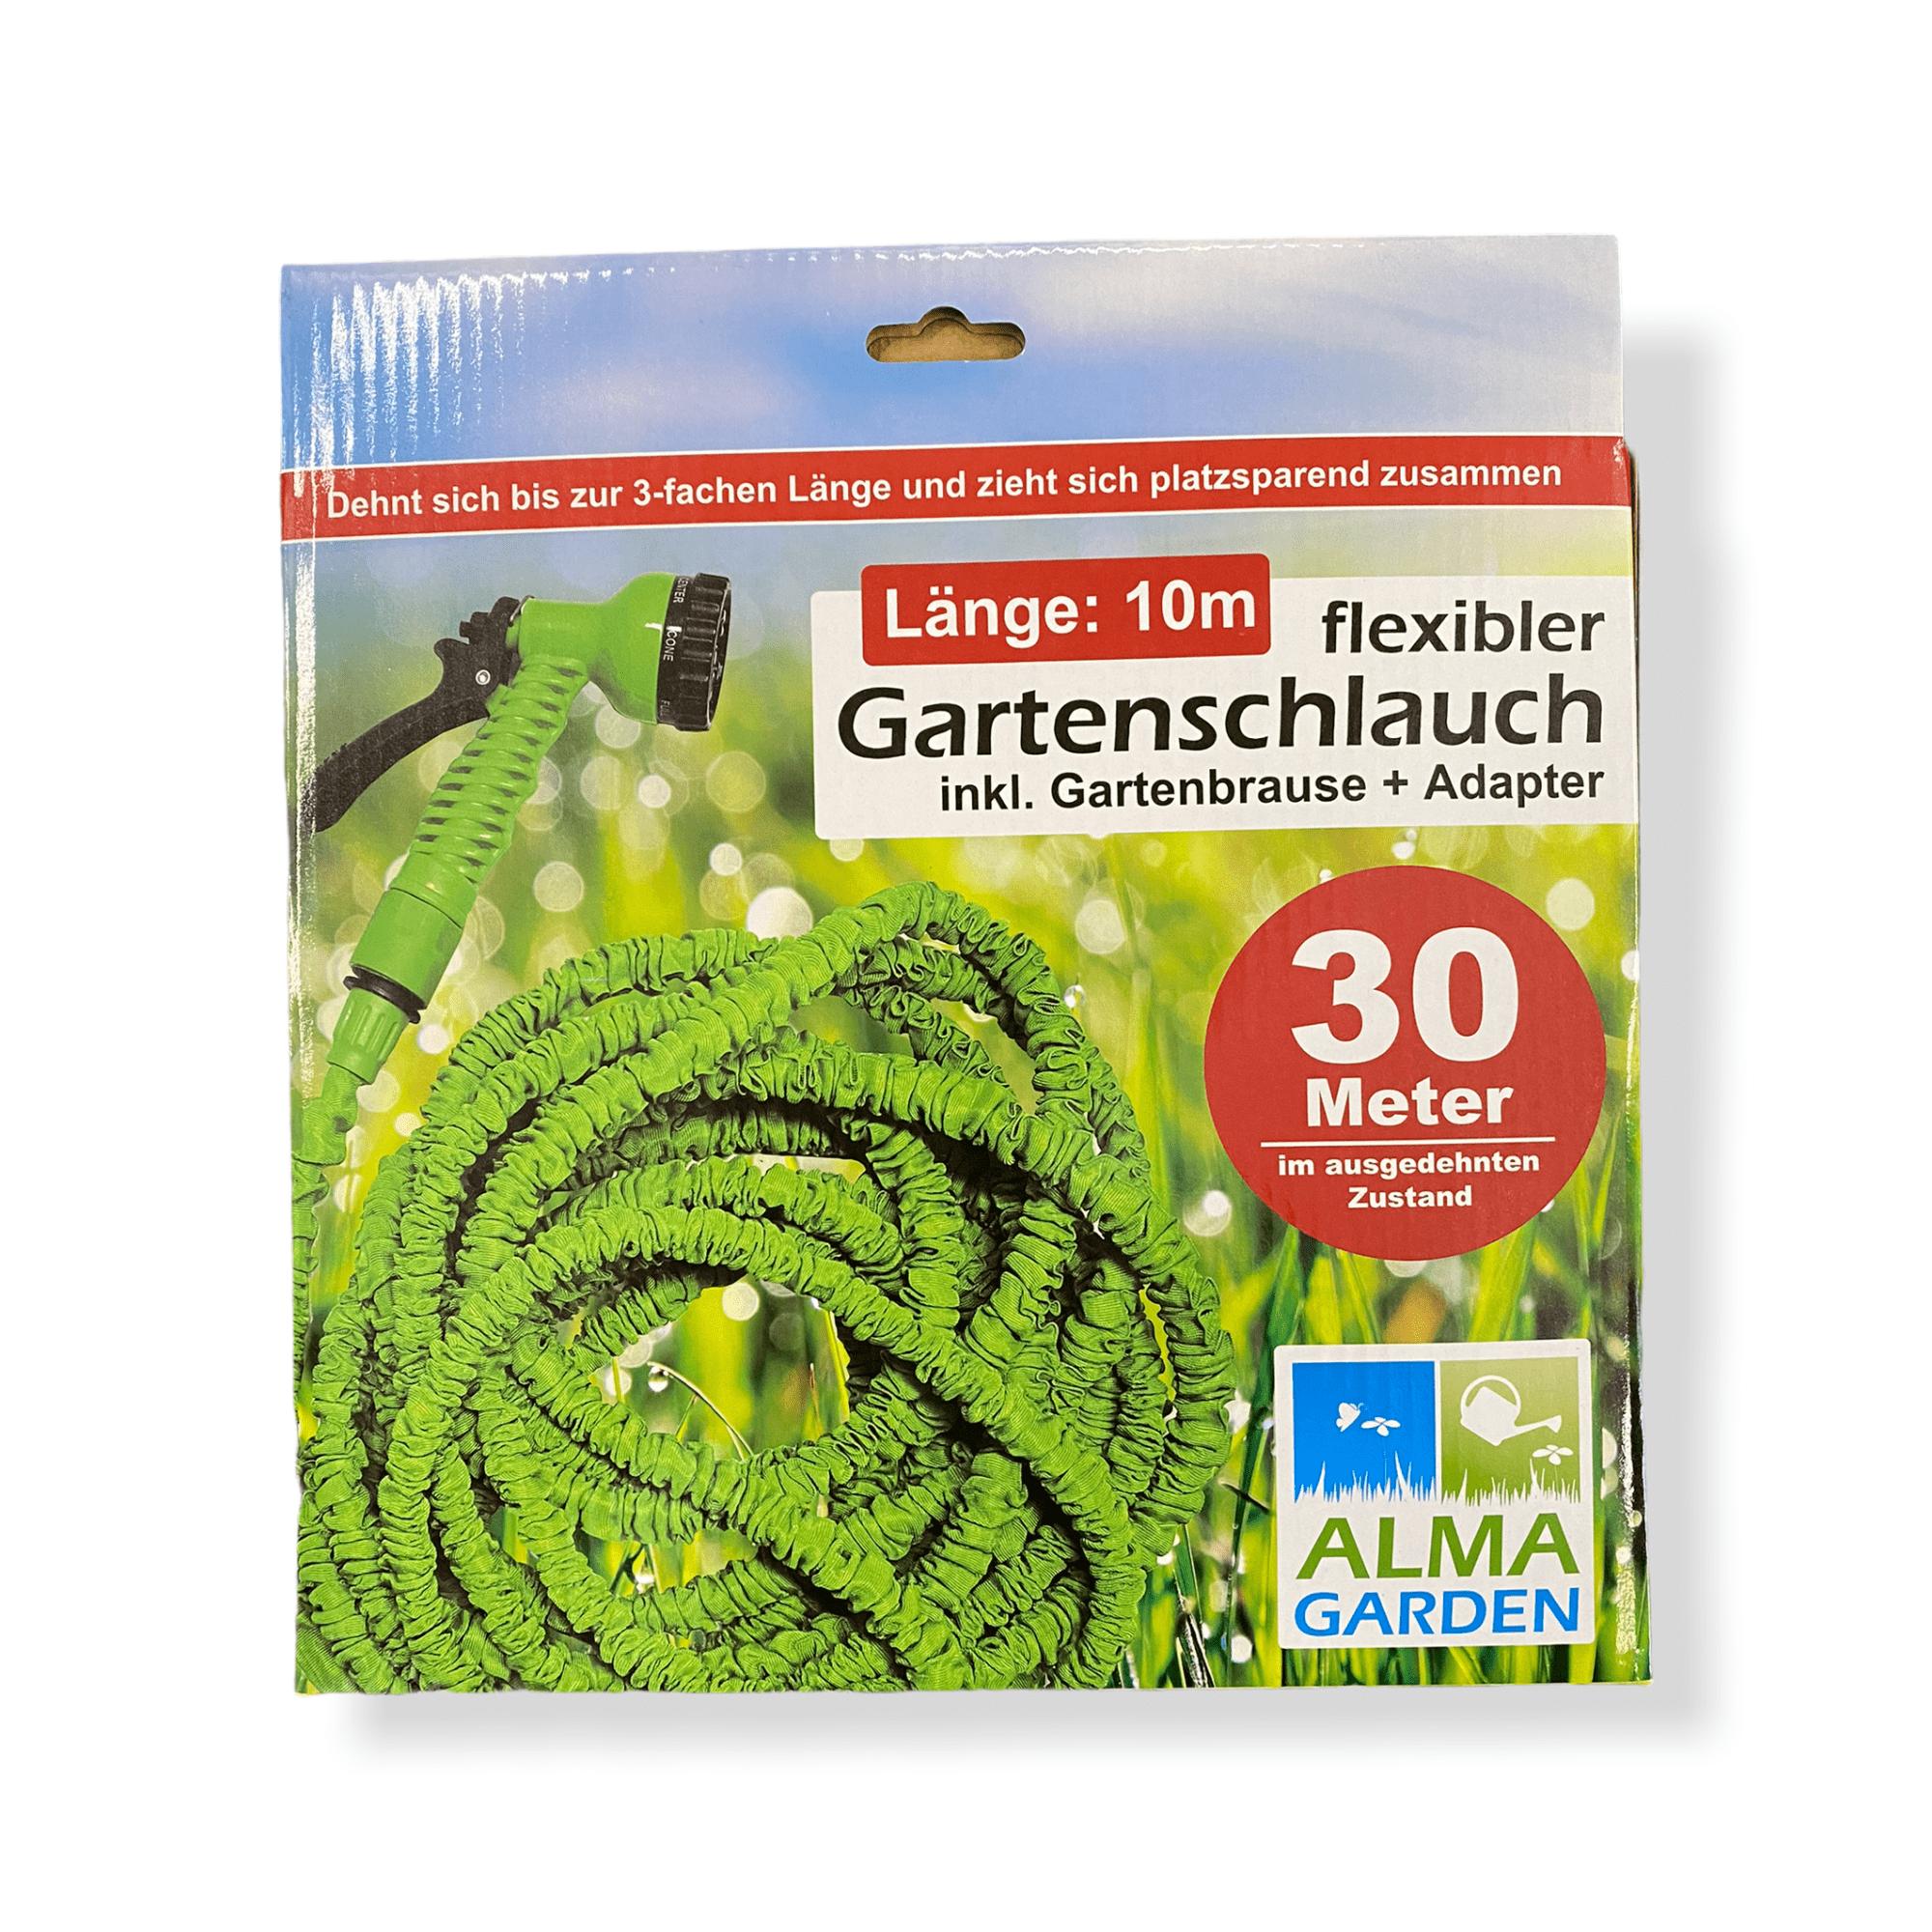 Flexibler Gartenschlauch